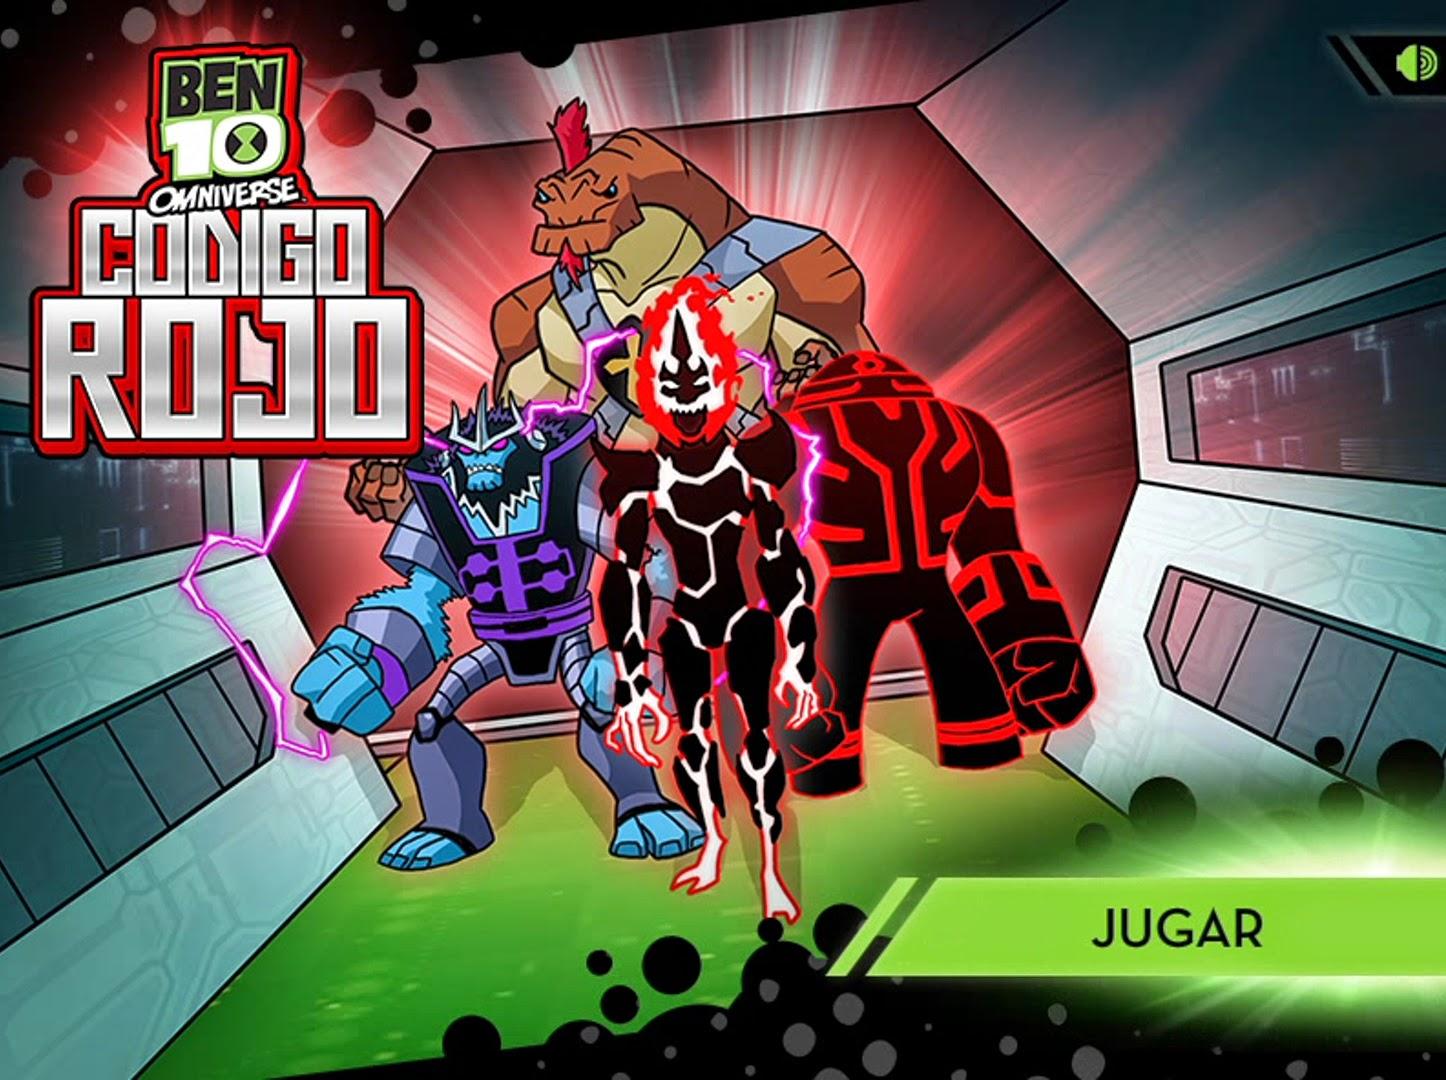 http://theultimatejogos.blogspot.com.br/2015/04/ben-10-omniverse-codigo-roxo.html